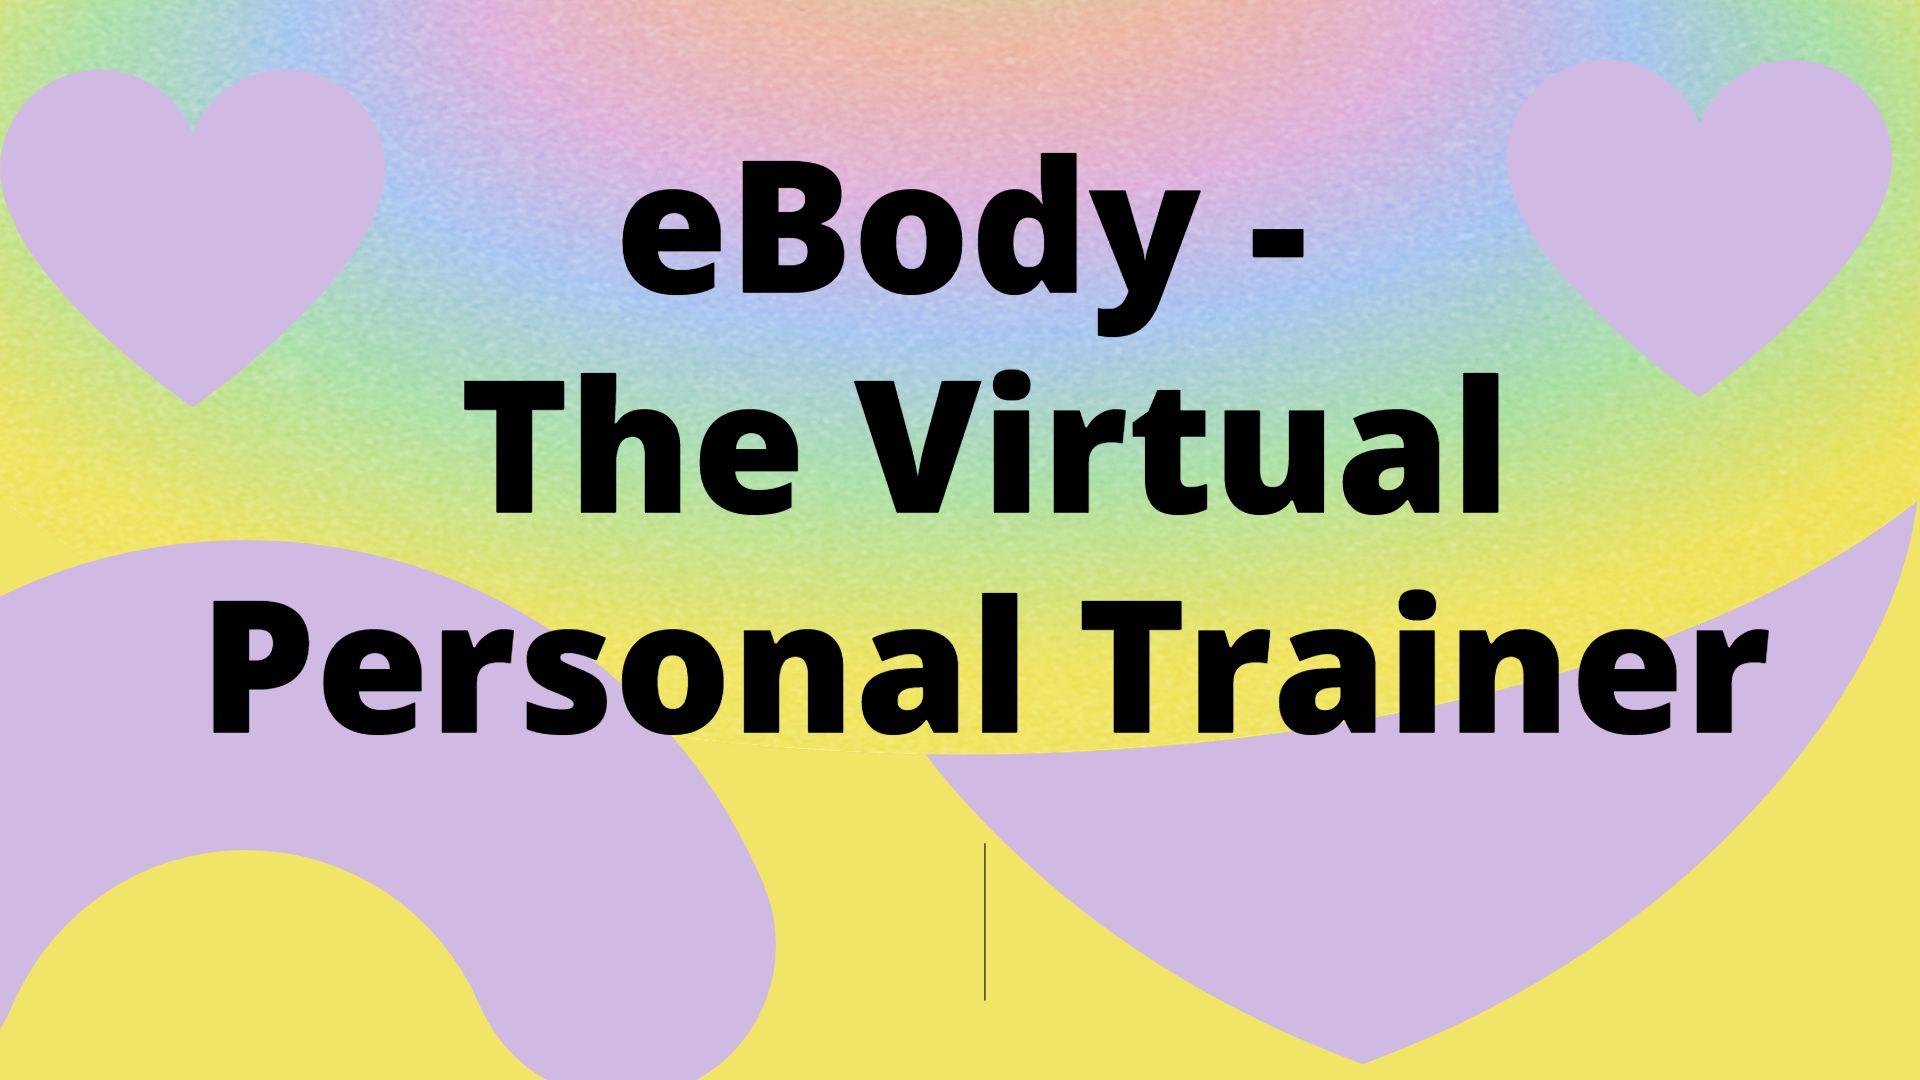 E-Body The virtual Personal Trainer